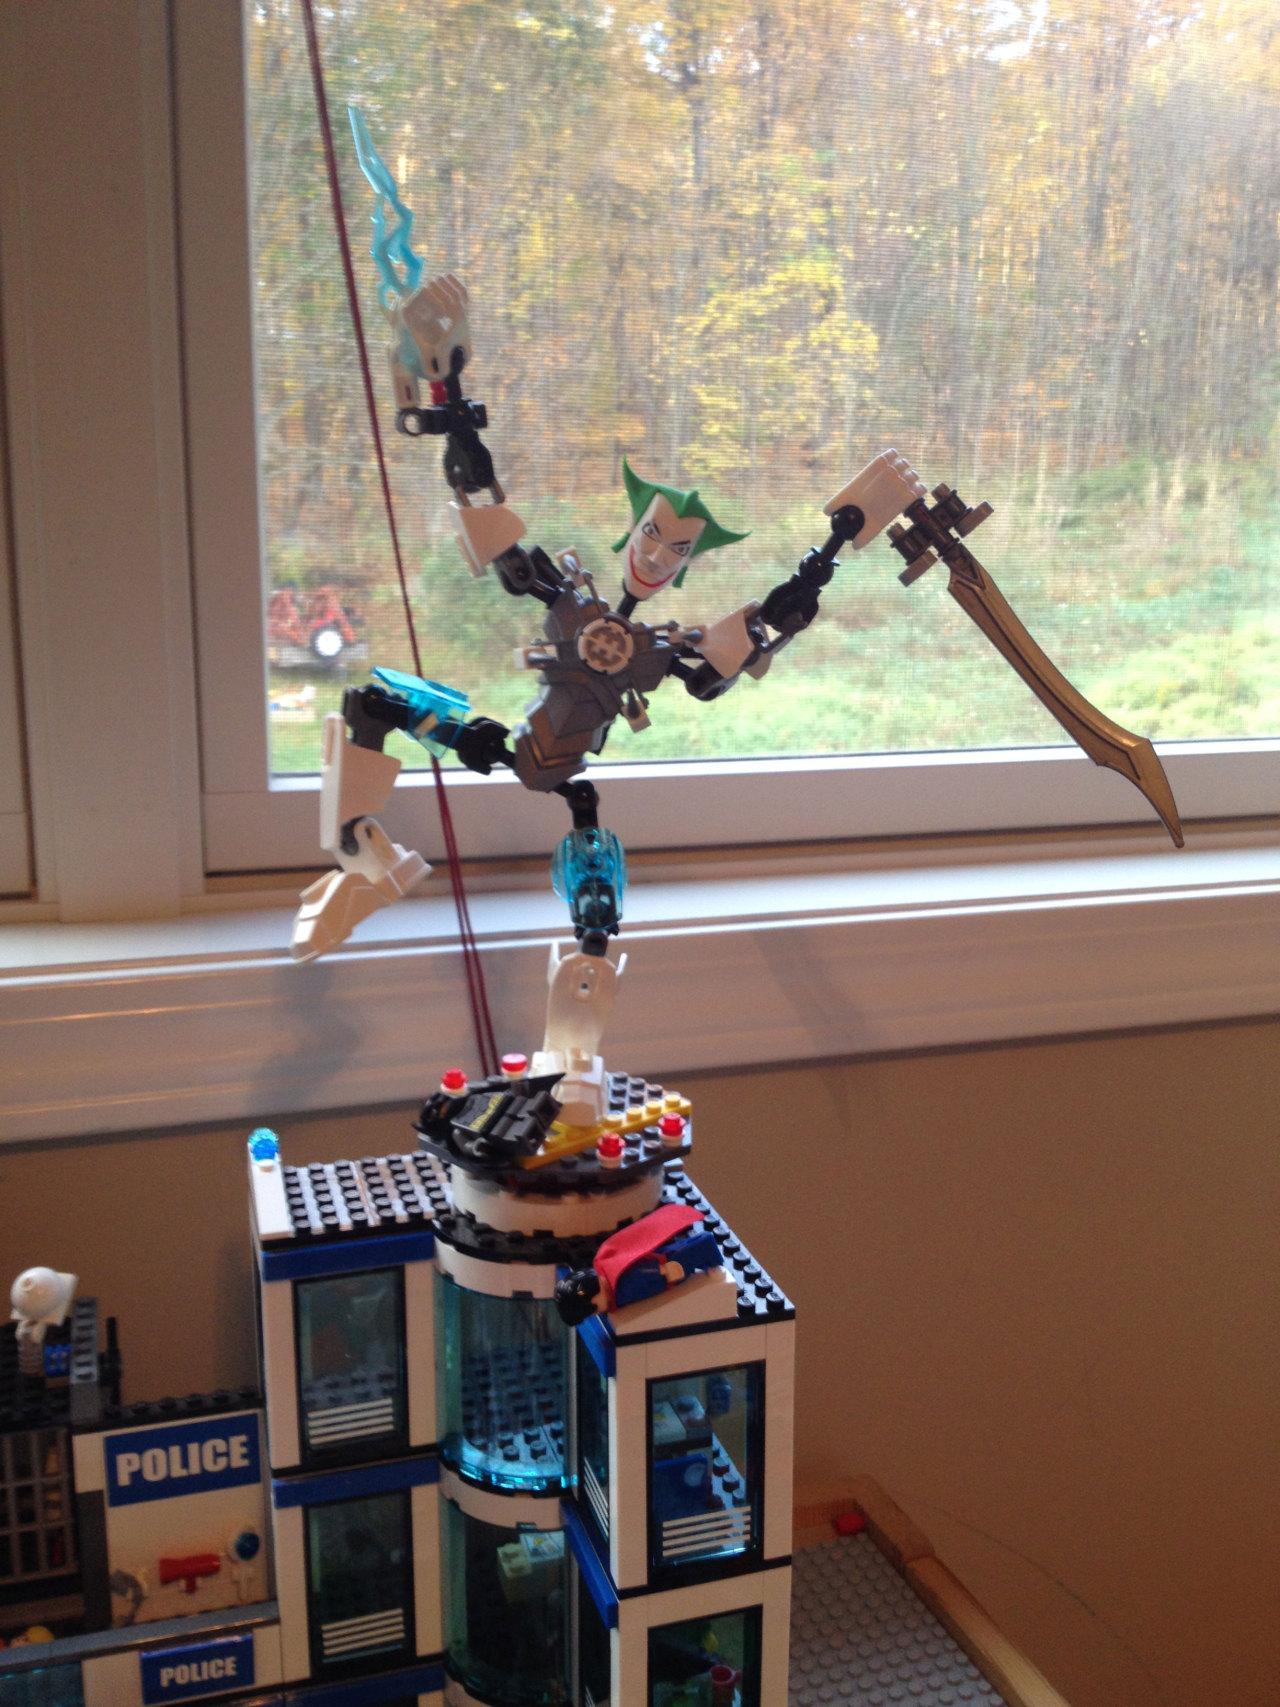 I used my cousins' legos to create something beautiful